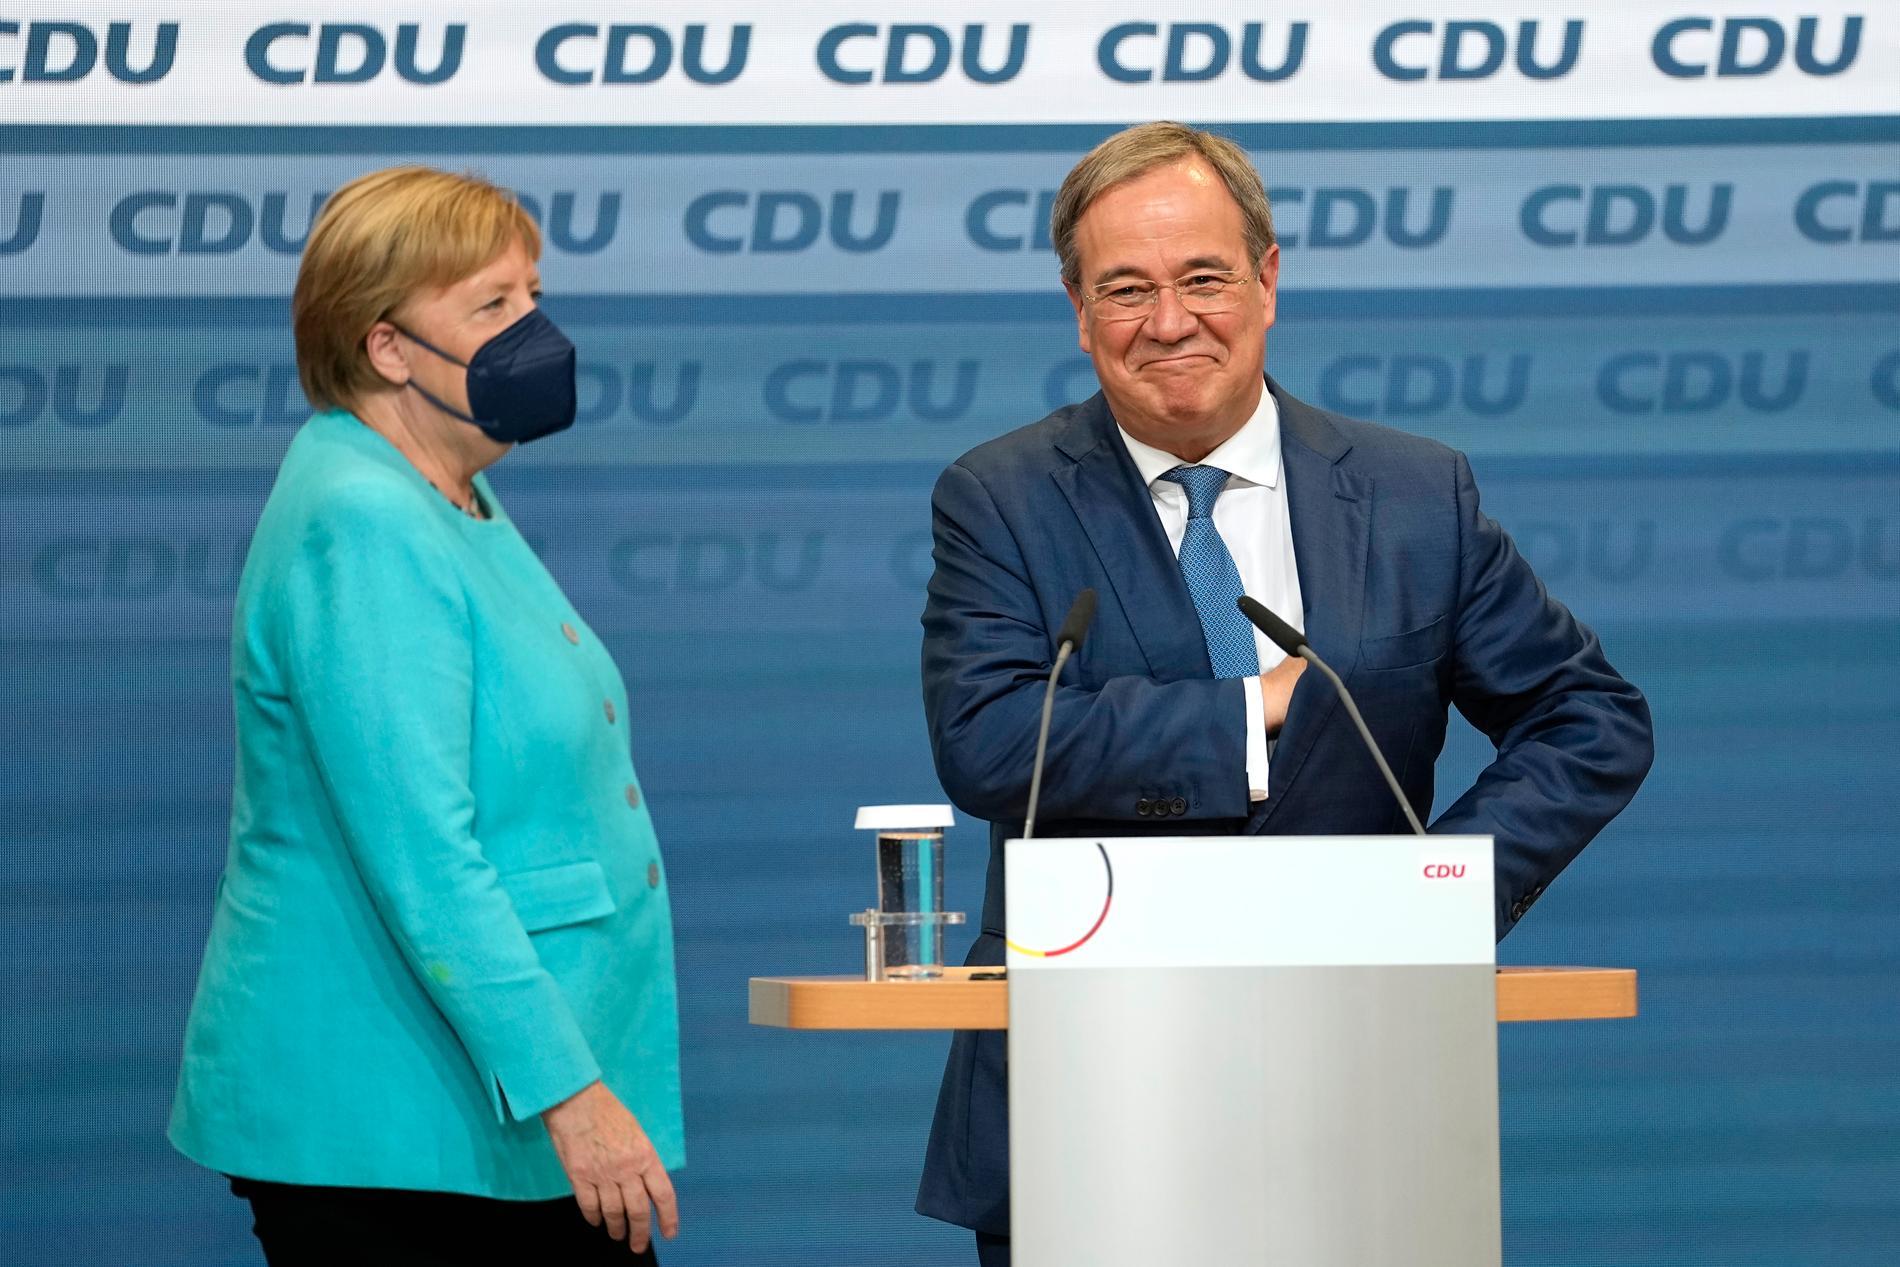 Förbundskansler Angela Merkel bredvid guvernör Armin Laschet, till höger, i partiets högkvarter i Berlin, under valsöndagen den 26 september. Tyska väljare gick till valurnorna för att välja nytt parlament – och vem som efterträder förbundskansler Angela Merkel efter hennes 16 år vid rodret i Europas största ekonomi.